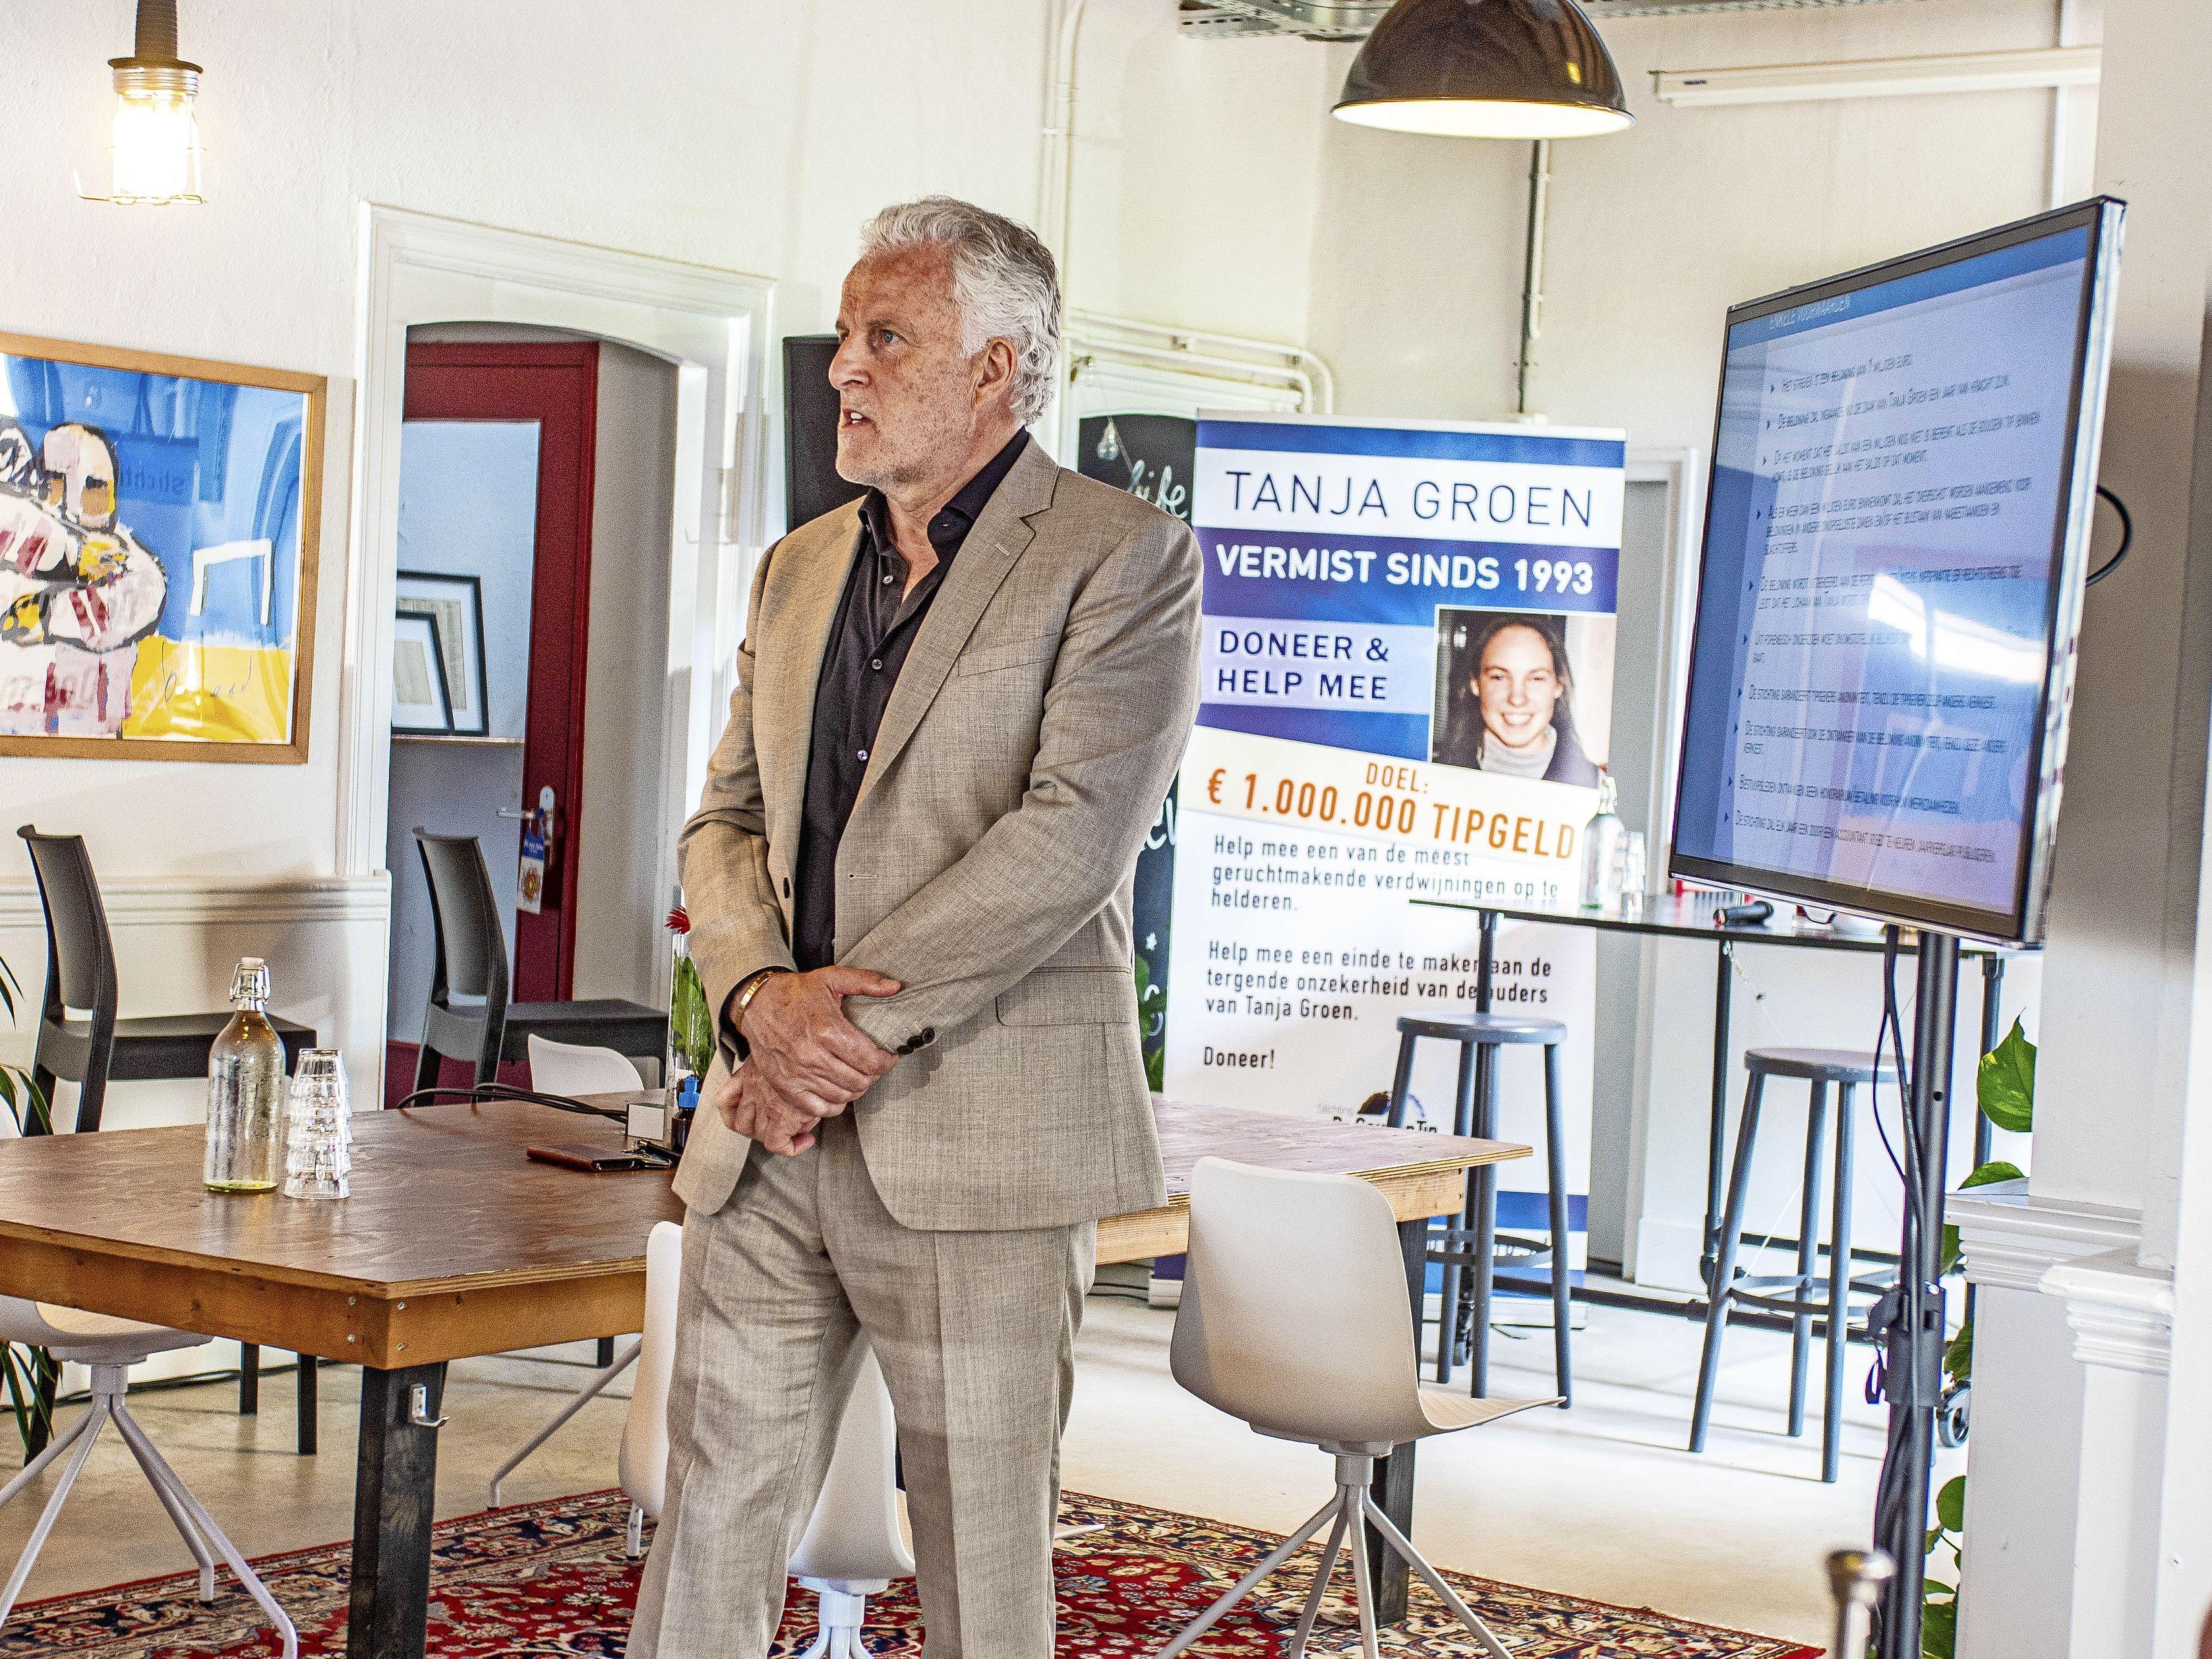 Een dag voor hij wordt neergeschoten kijkt Peter R. de Vries hoopvol de zaal in. 'Het is belangrijk dat we de aandacht op Tanja Groen blijven vestigen'